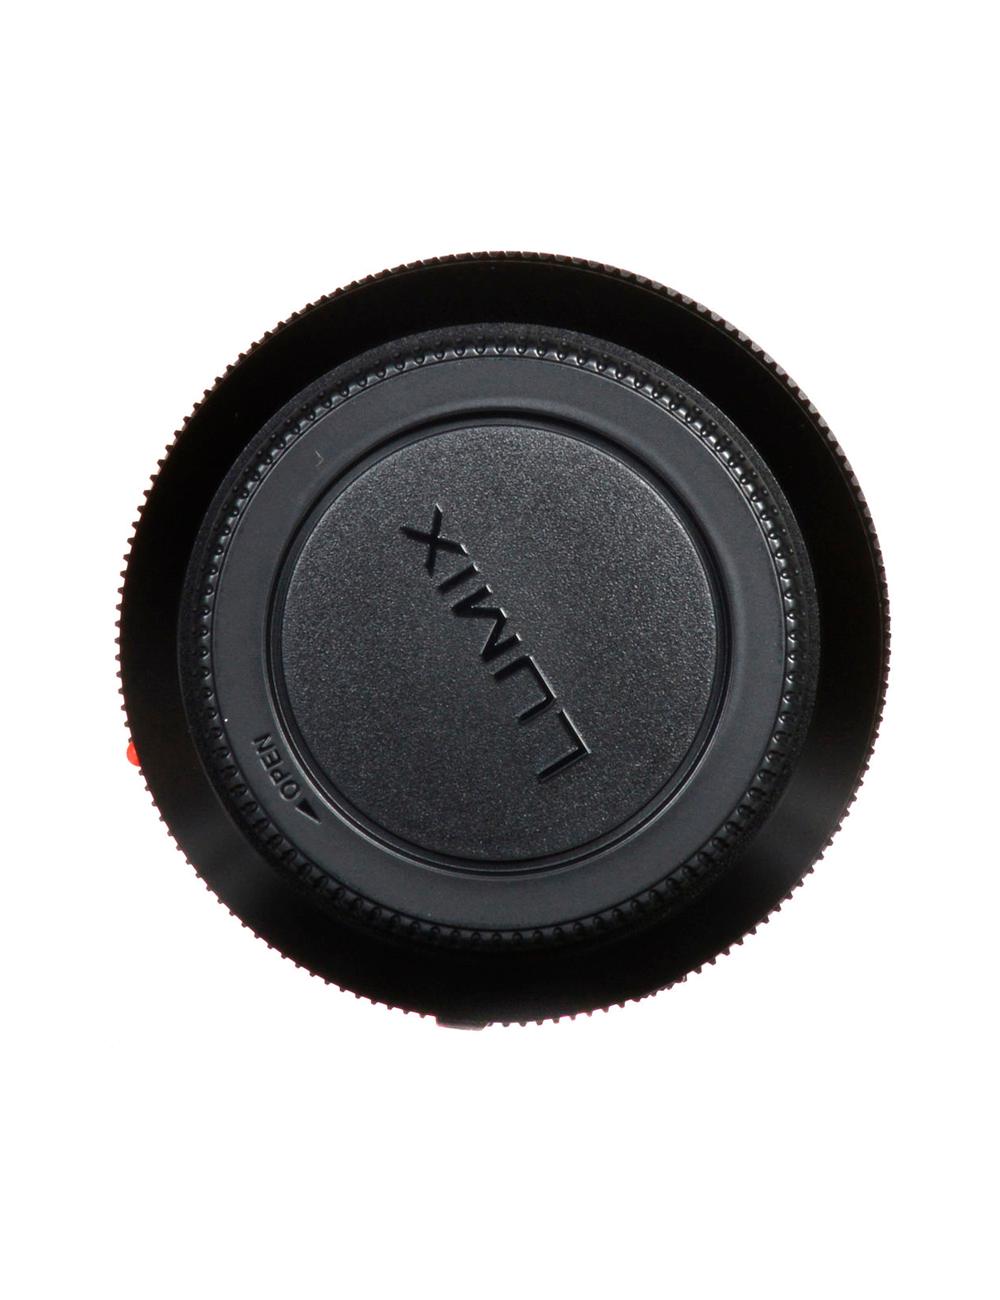 Lente Tamron SP 150-600mm DI VC USD G2 para Nikon